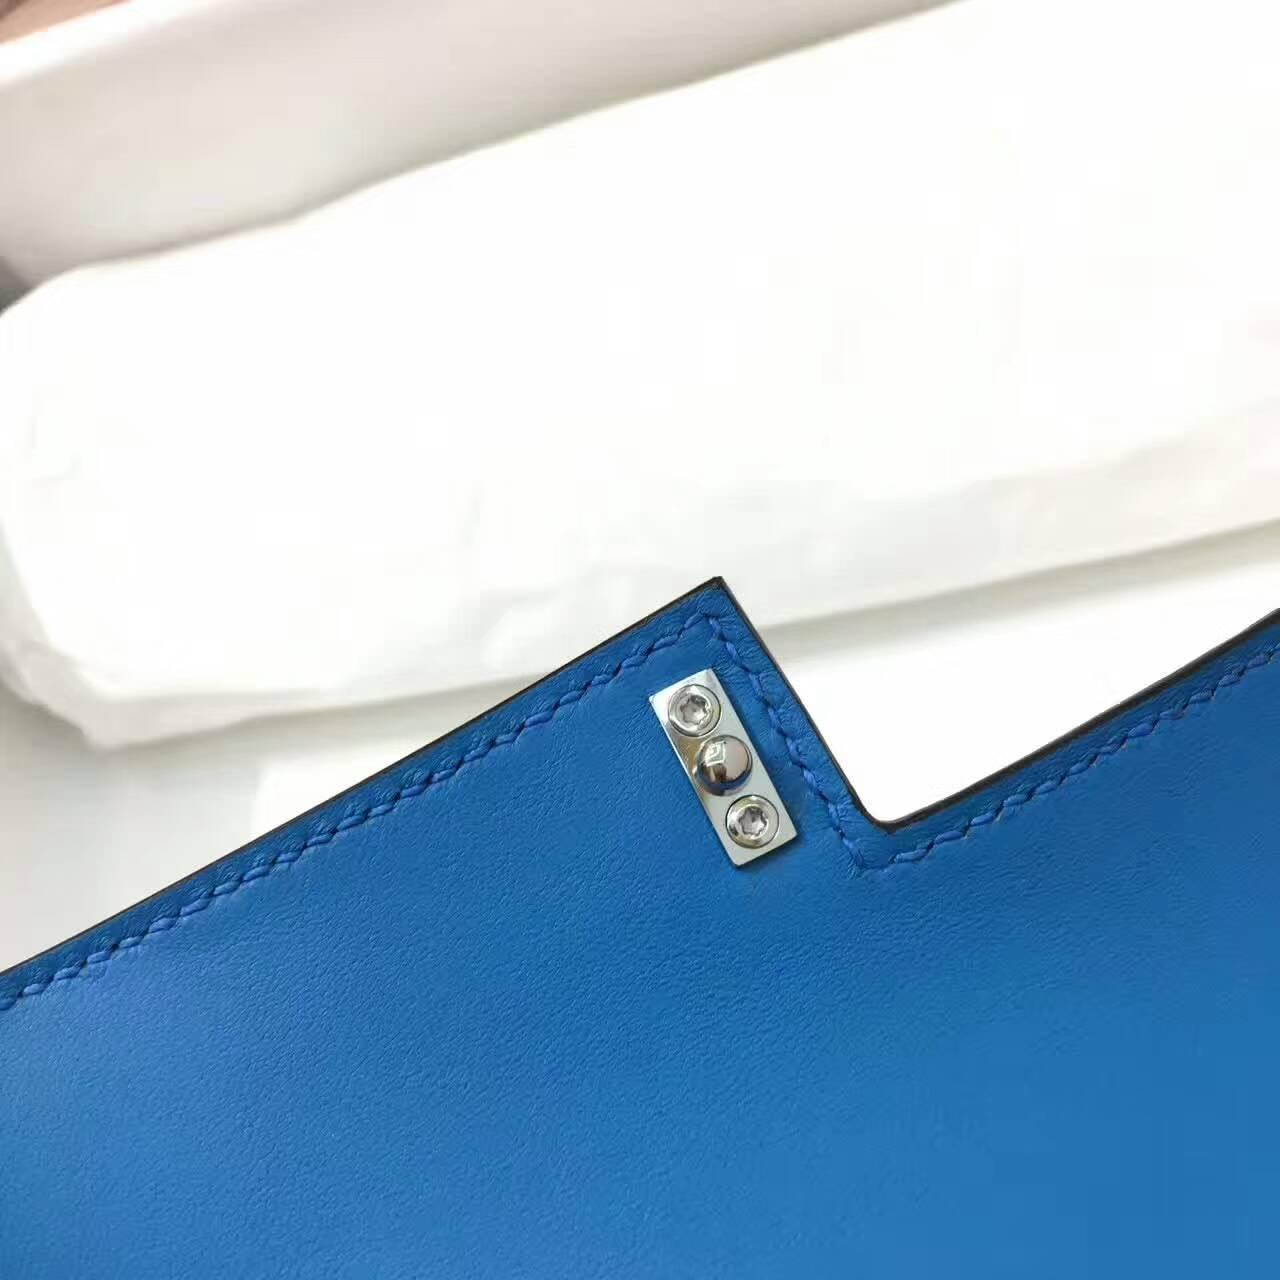 爱马仕Verrou插销包手枪包 17cm Chevre Mysore 法国原产山羊皮 7Q Mykonos 希腊蓝 爱情海蓝 银扣 蜡线纯手工顶级工艺